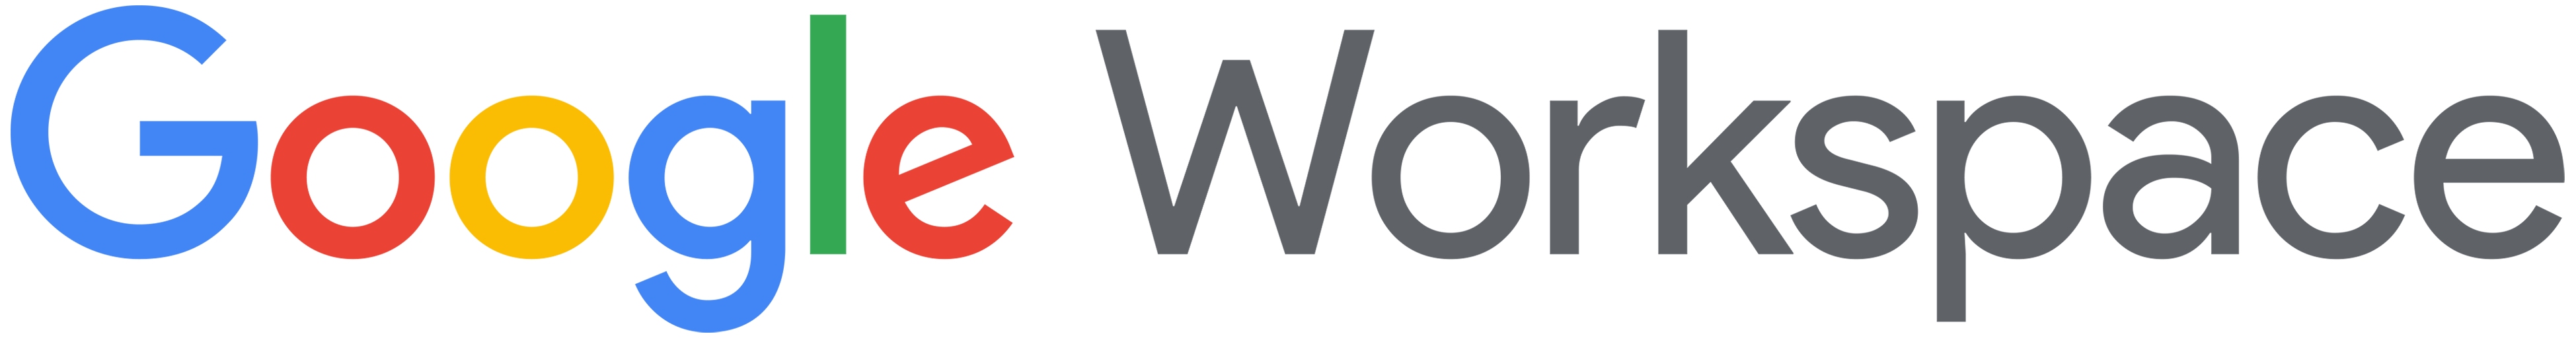 Google Workspace Training  QIQ